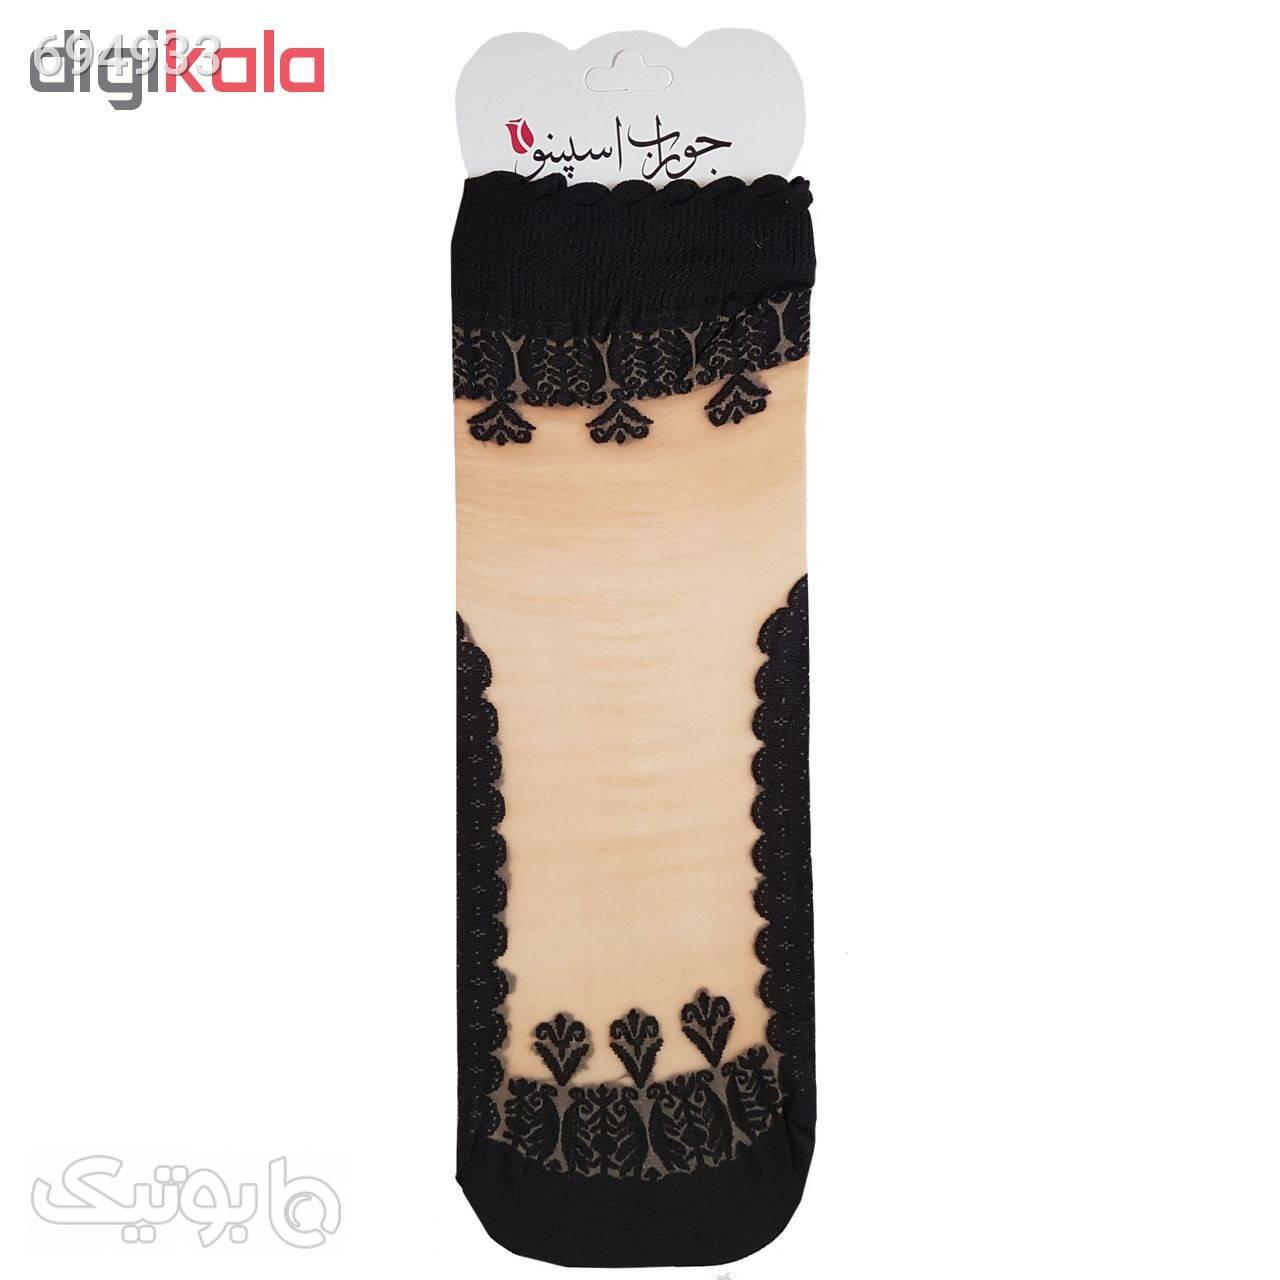 جوراب زنانه اسپینو مدل 109 مشکی جوراب و پاپوش